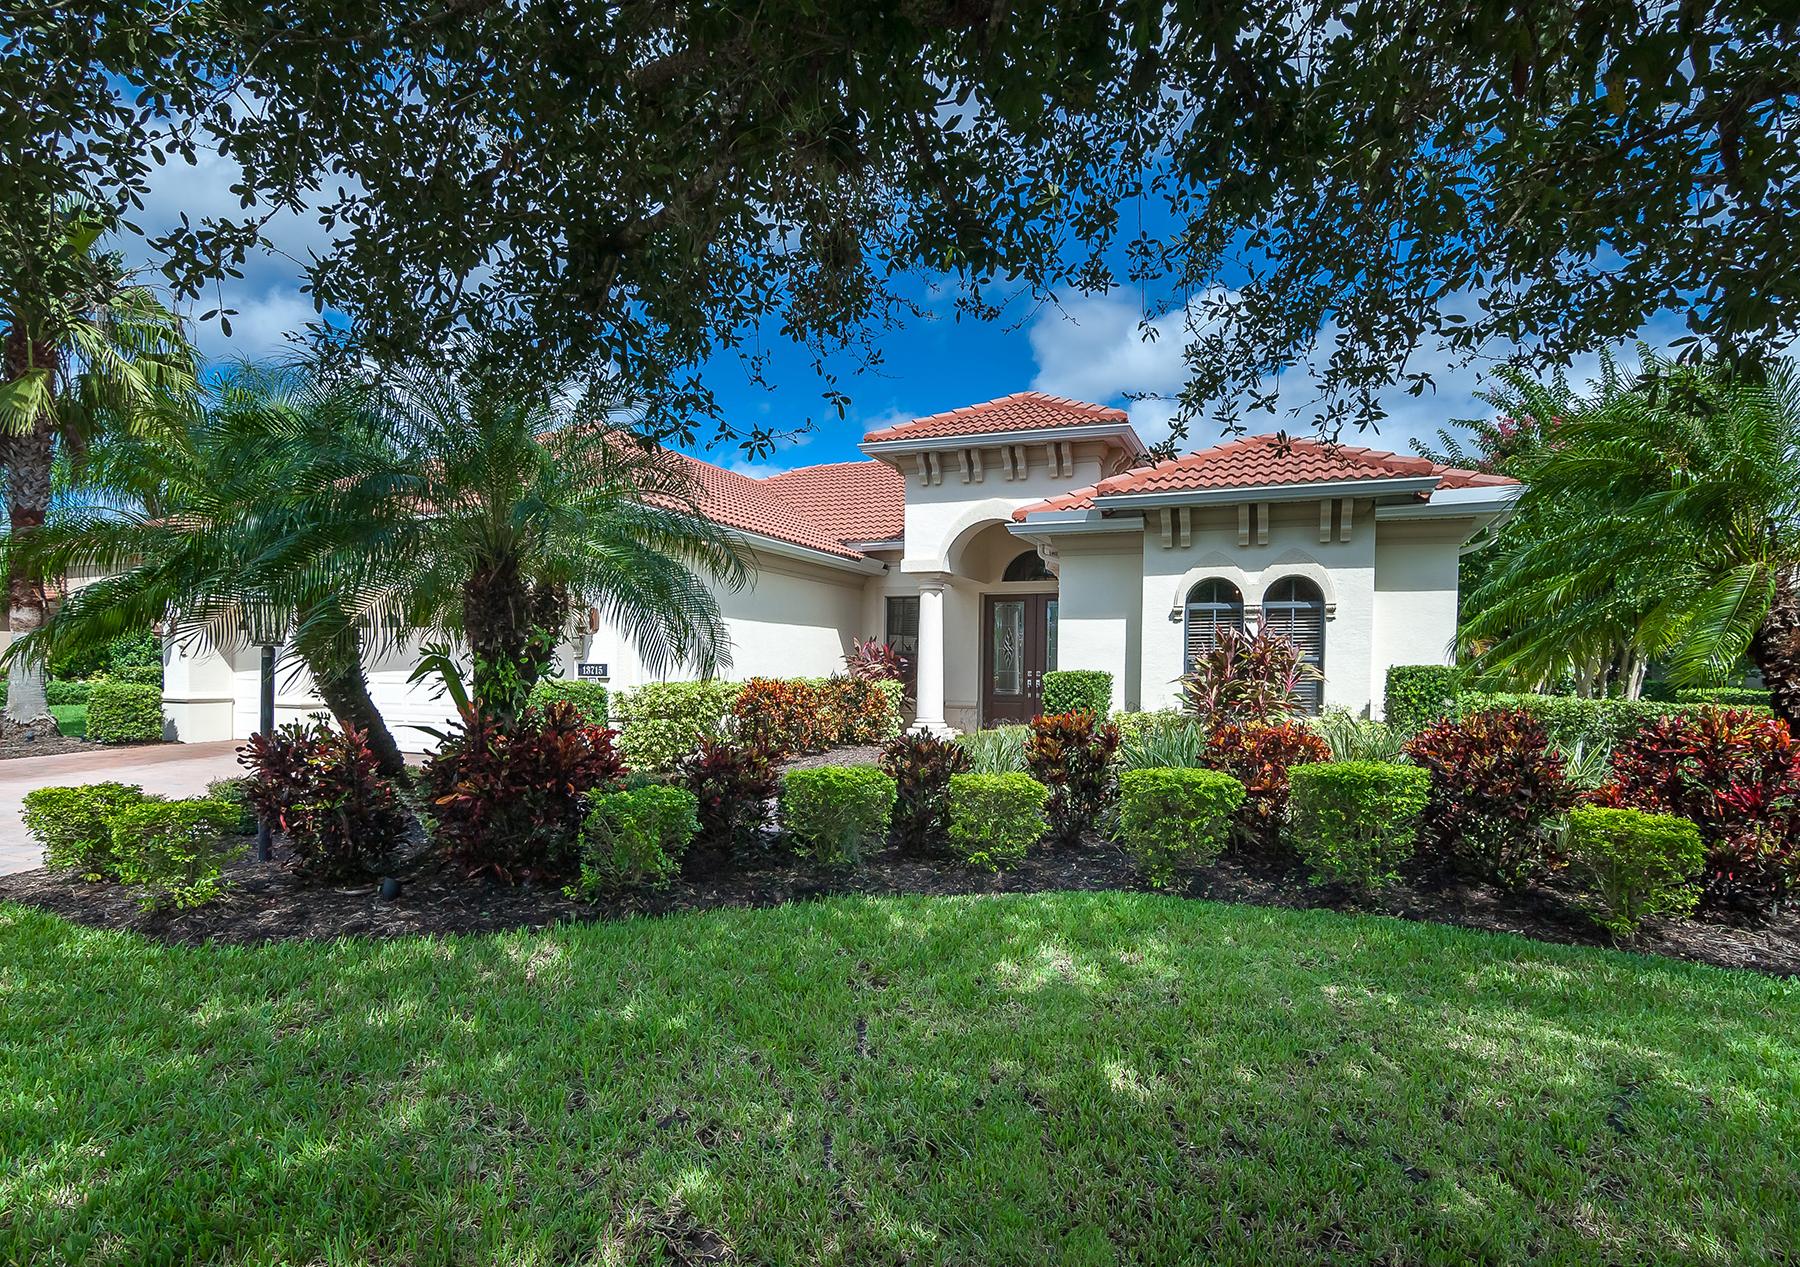 独户住宅 为 销售 在 LEGENDS WALK 13715 Oasis Terr 莱克伍德牧场, 佛罗里达州, 34202 美国